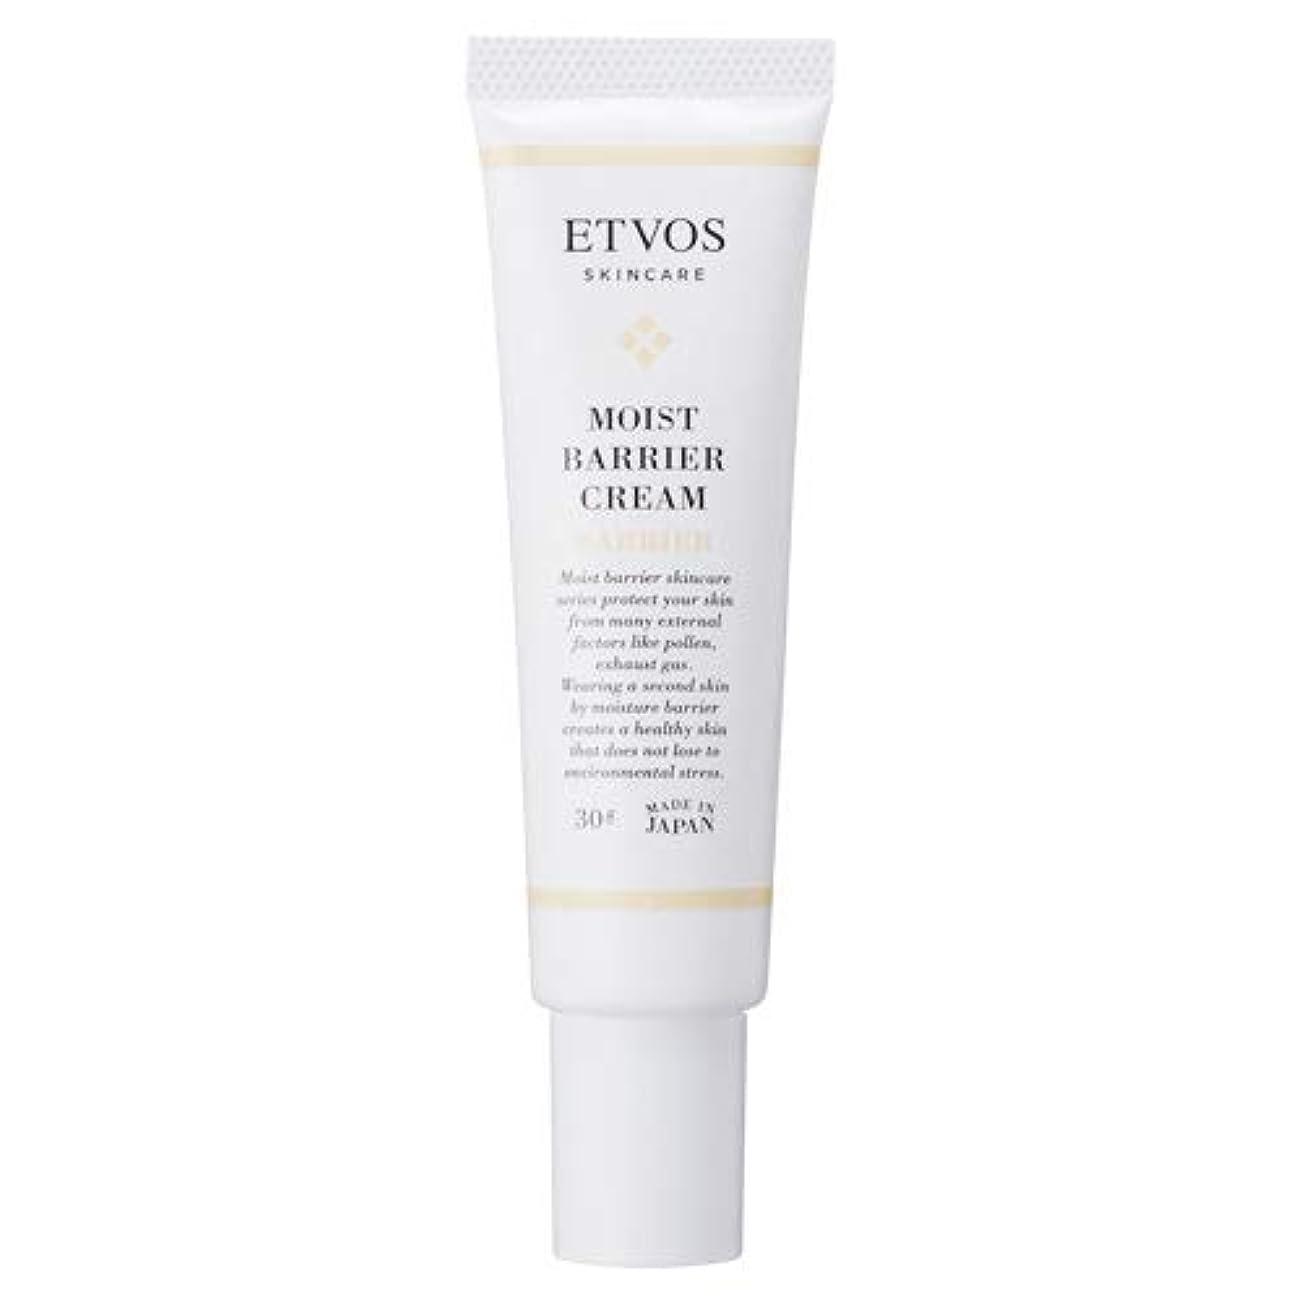 クリスチャン勝者住人ETVOS(エトヴォス) 皮膚保護クリーム モイストバリアクリーム 30g 肌荒れ/敏感肌 花粉/PM2.5/ハウスダスト